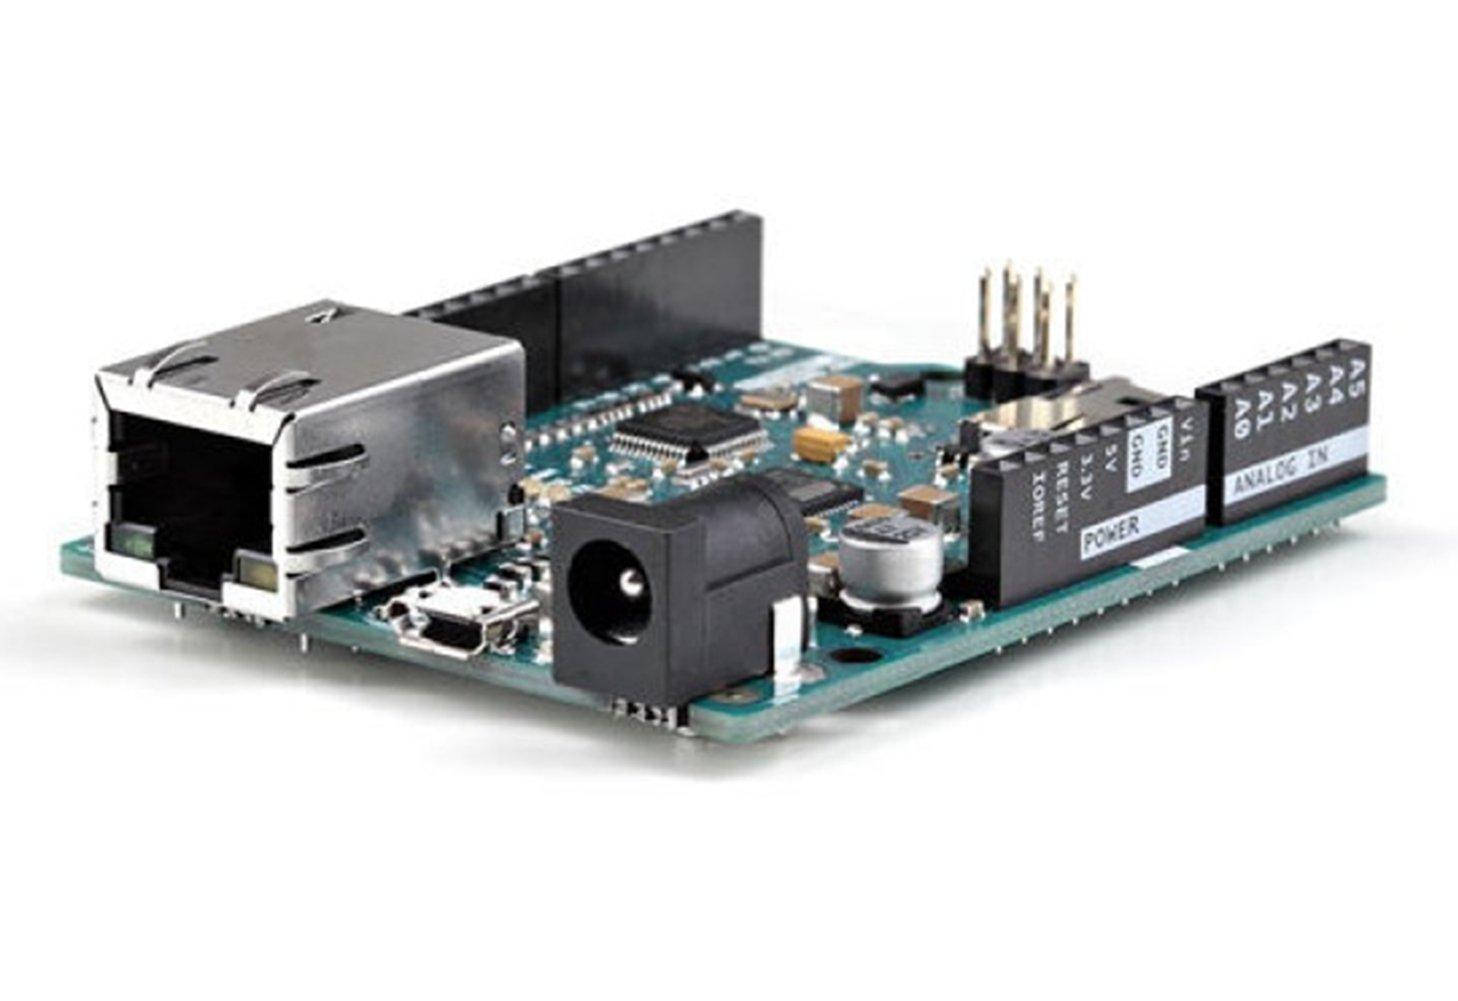 DF Leonardo ETH/16 Mhz Crystal Oscillator, A RJ45 Connection, A Micro USB Connector, A Power Jack, An ICSP Header, And A Reset Button